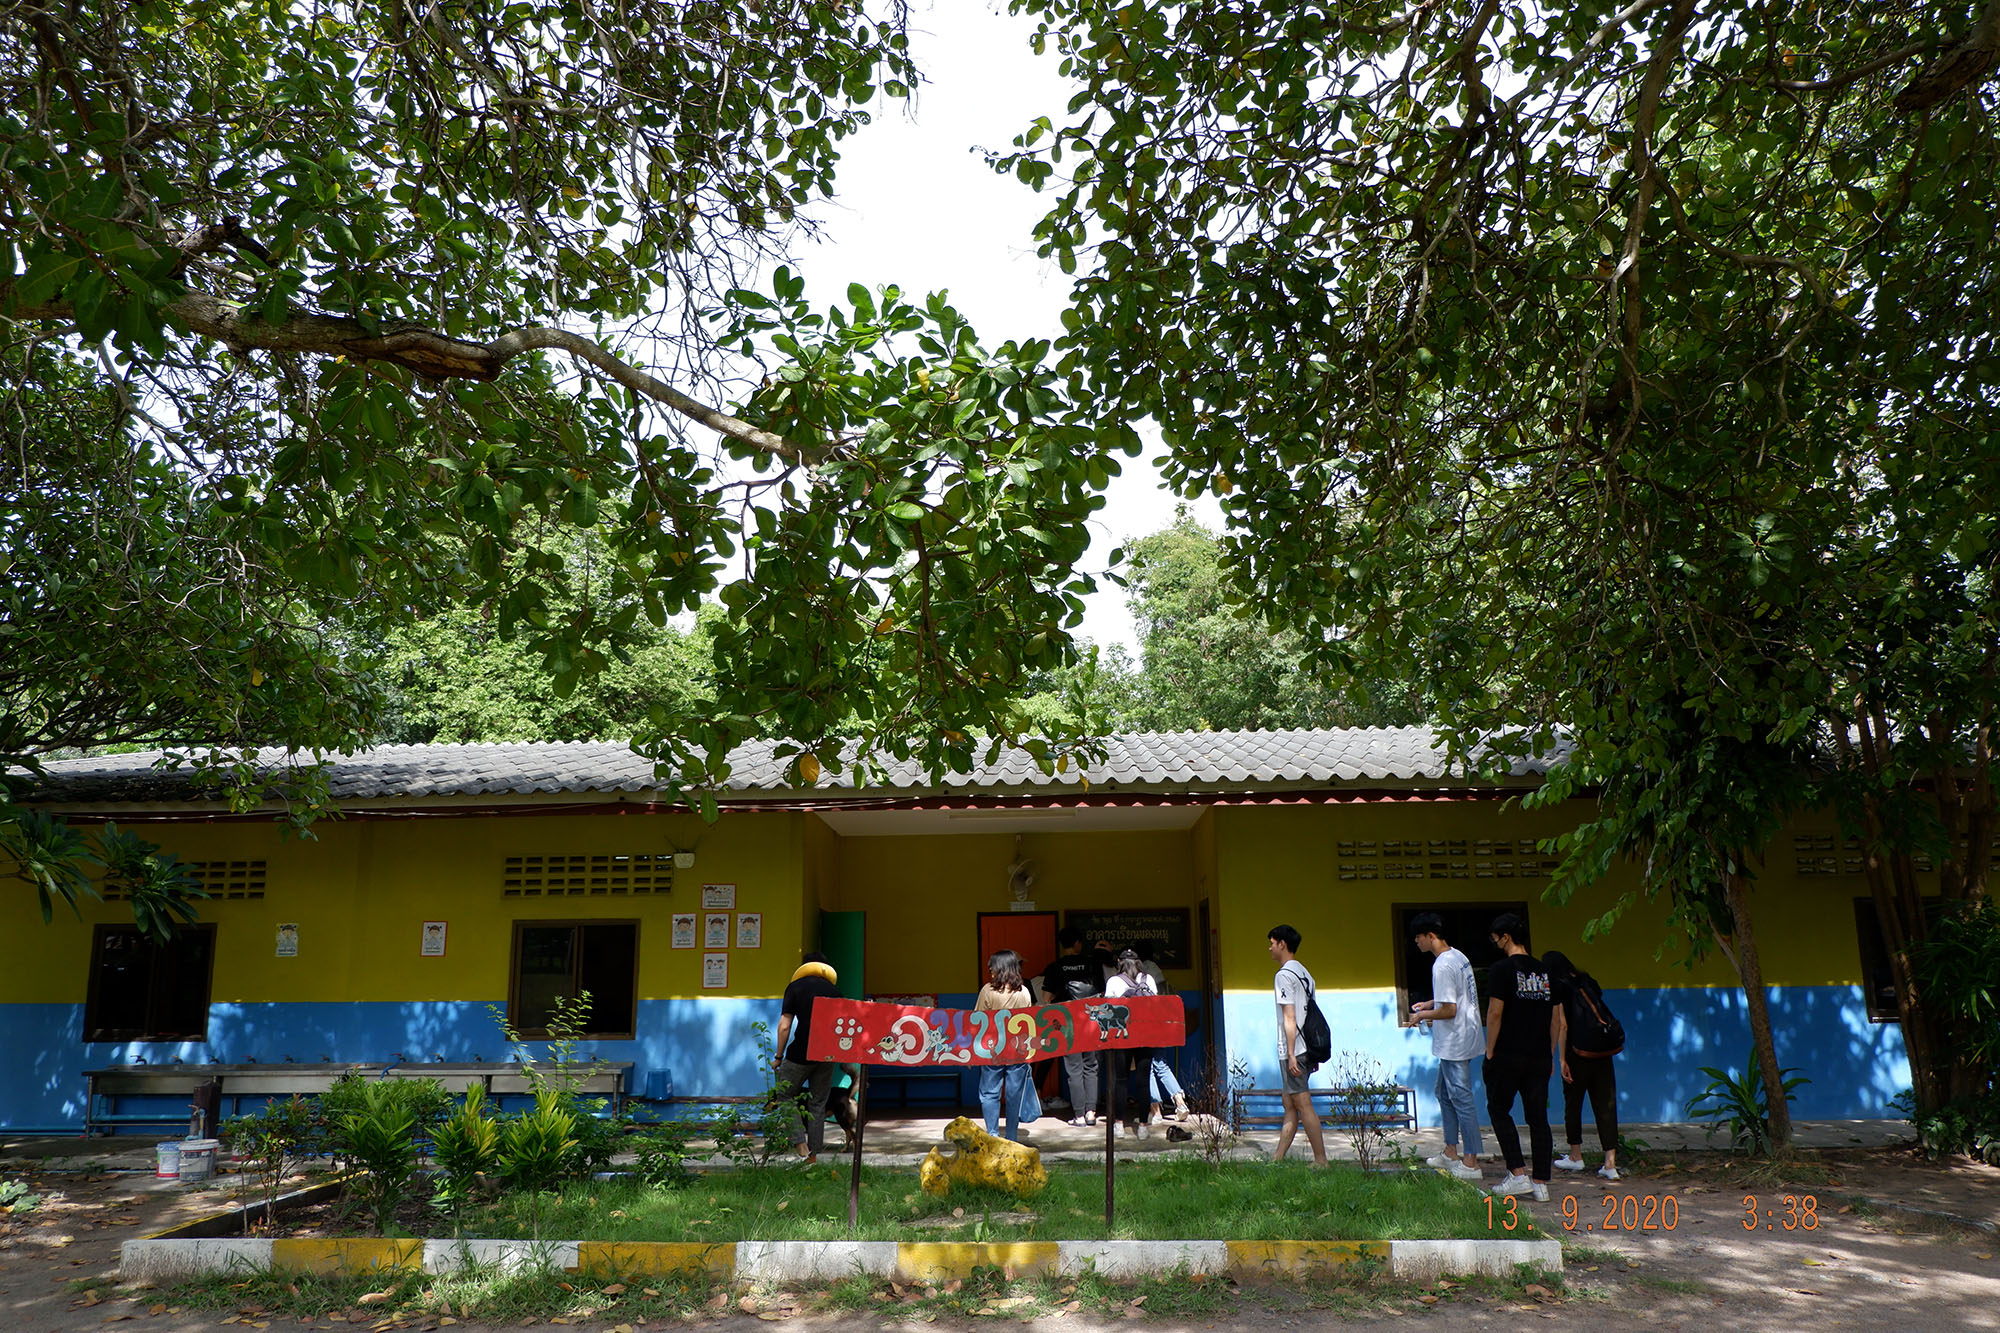 Baan Toong Krabam school